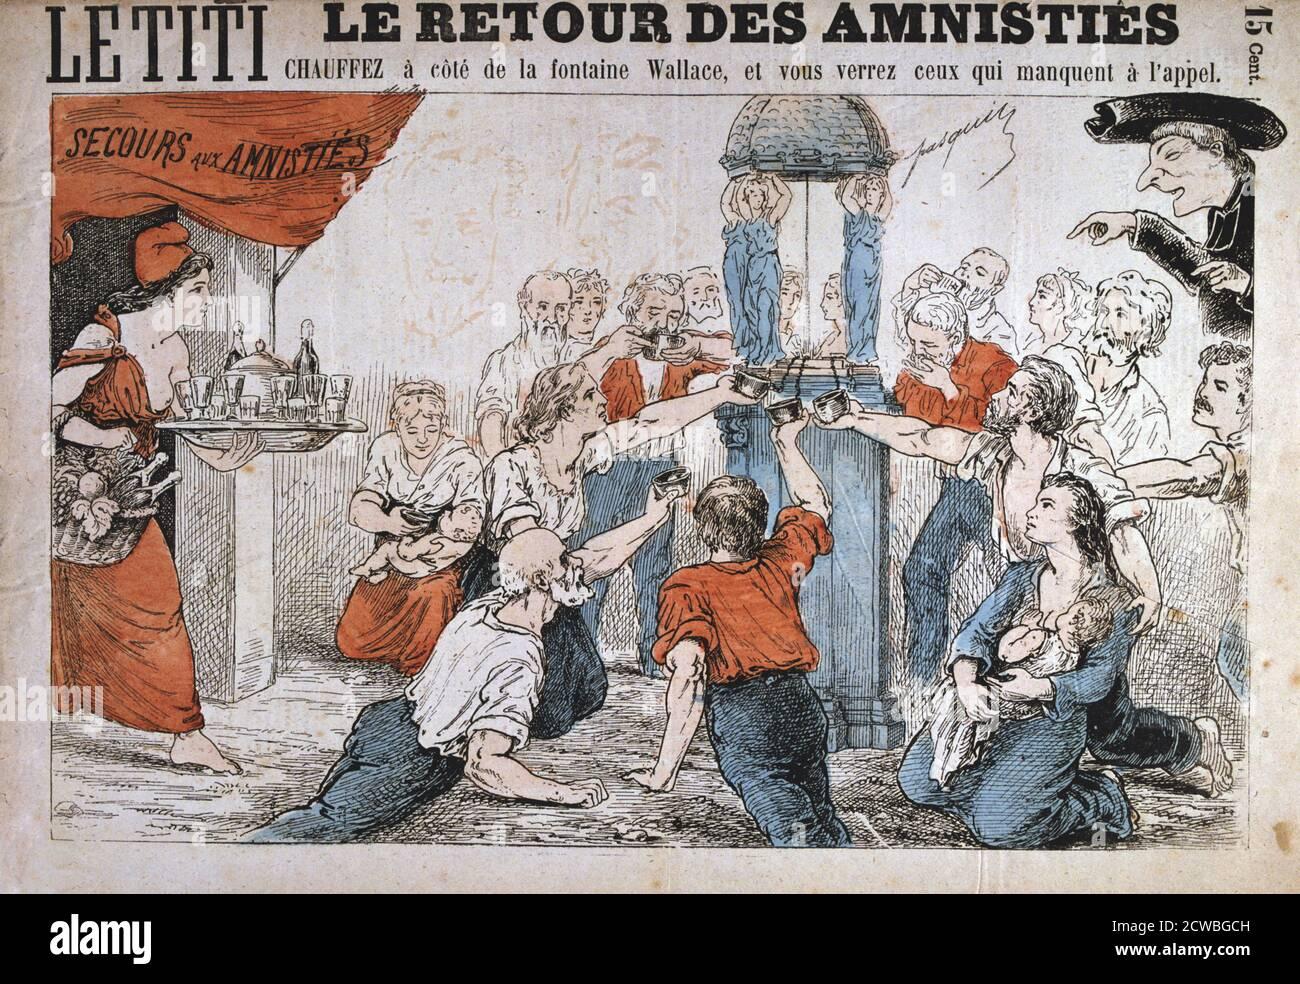 Cartoon, la Comune di Parigi, 1871. La Comune di Parigi è stato stabilito quando i cittadini di Parigi, molti di loro armate guardie nazionali, si ribellò contro le politiche del governo conservatore formato dopo la fine della guerra franco-prussiana. La sinistra del regime comune regnava a Parigi per due mesi fino a quando le truppe del governo riprendeva la città di sanguinosi combattimenti nel maggio 1871. Una delle prime politiche da essa attuato era di concedere una remissione dei canoni di locazione maturati durante il periodo dell'assedio prussiano di Parigi. Gli eventi del Comune sono state fonte di ispirazione per Karl Marx come pure dopo l comunista Foto Stock